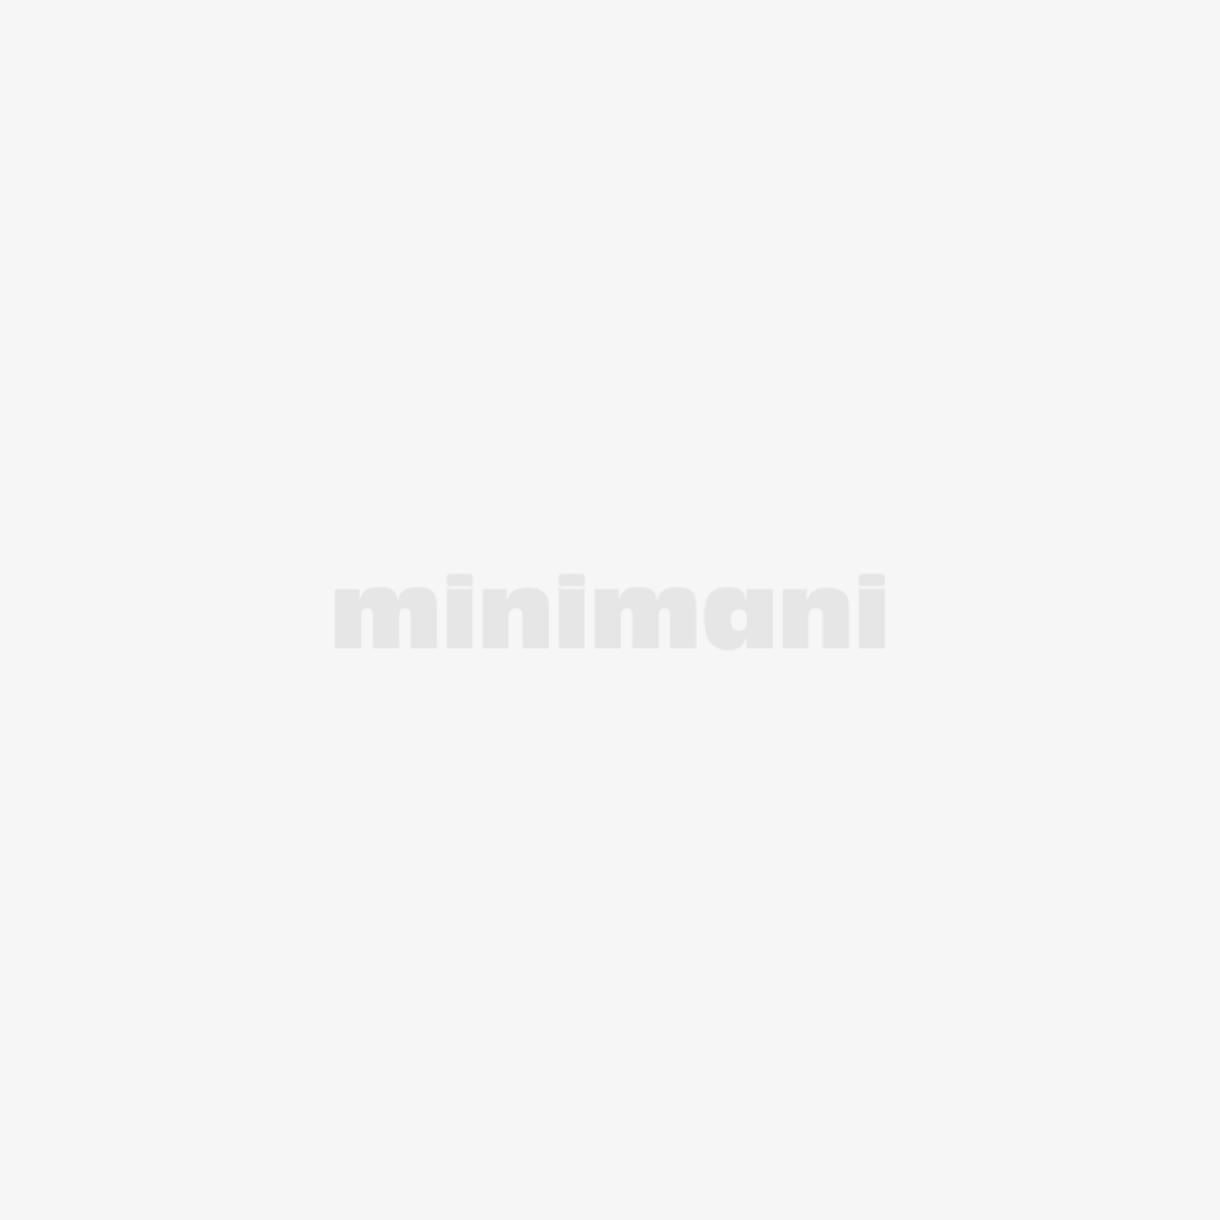 Vallila verhokappa 60x250cm, Charlotte laventeli